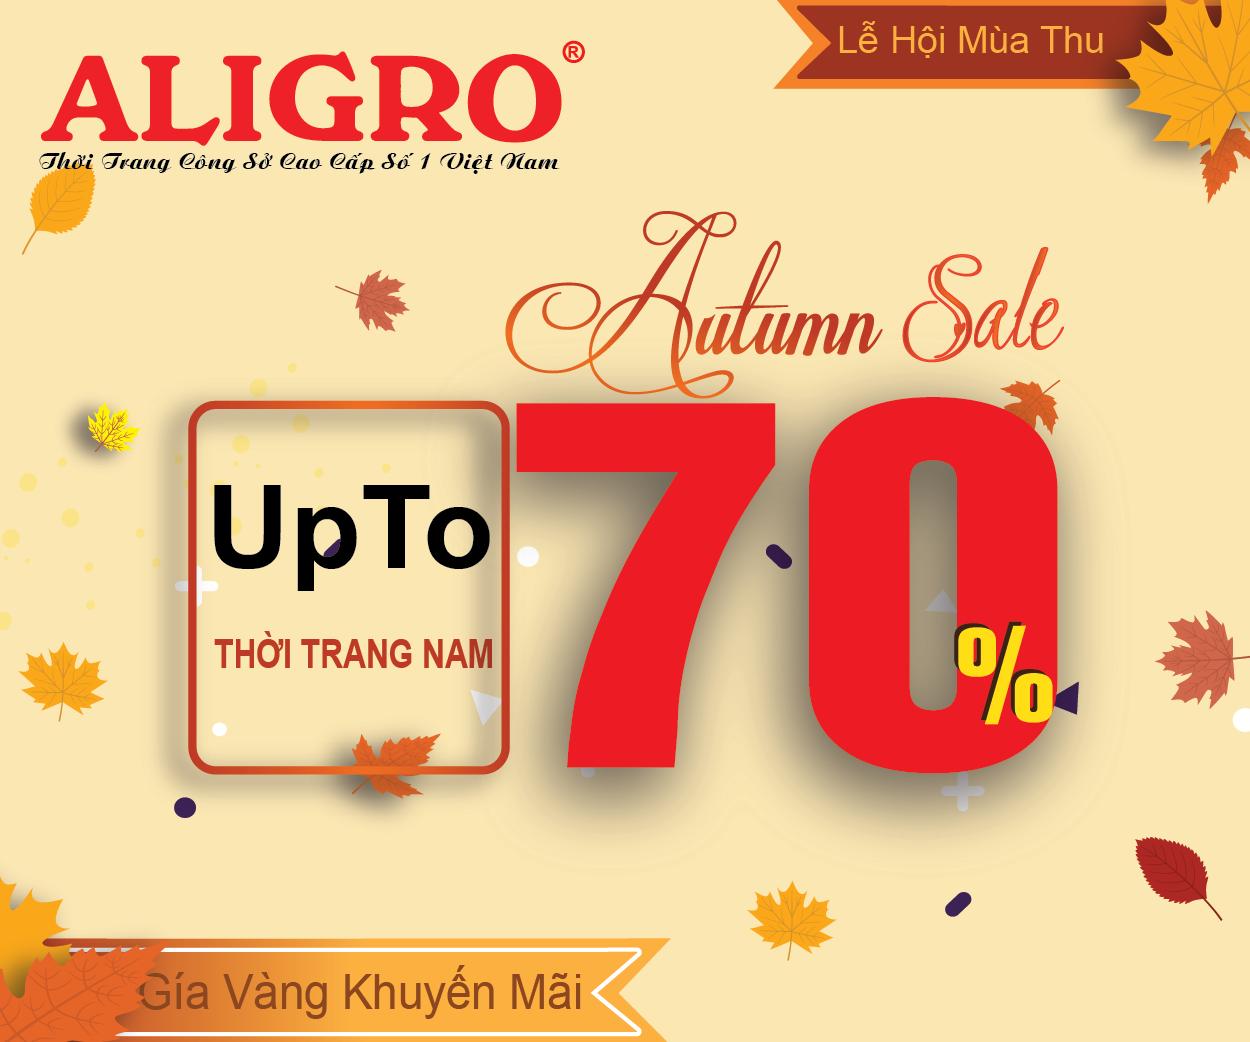 Săn đồ hiệu chính hãng Aligro - Sale up to 70%